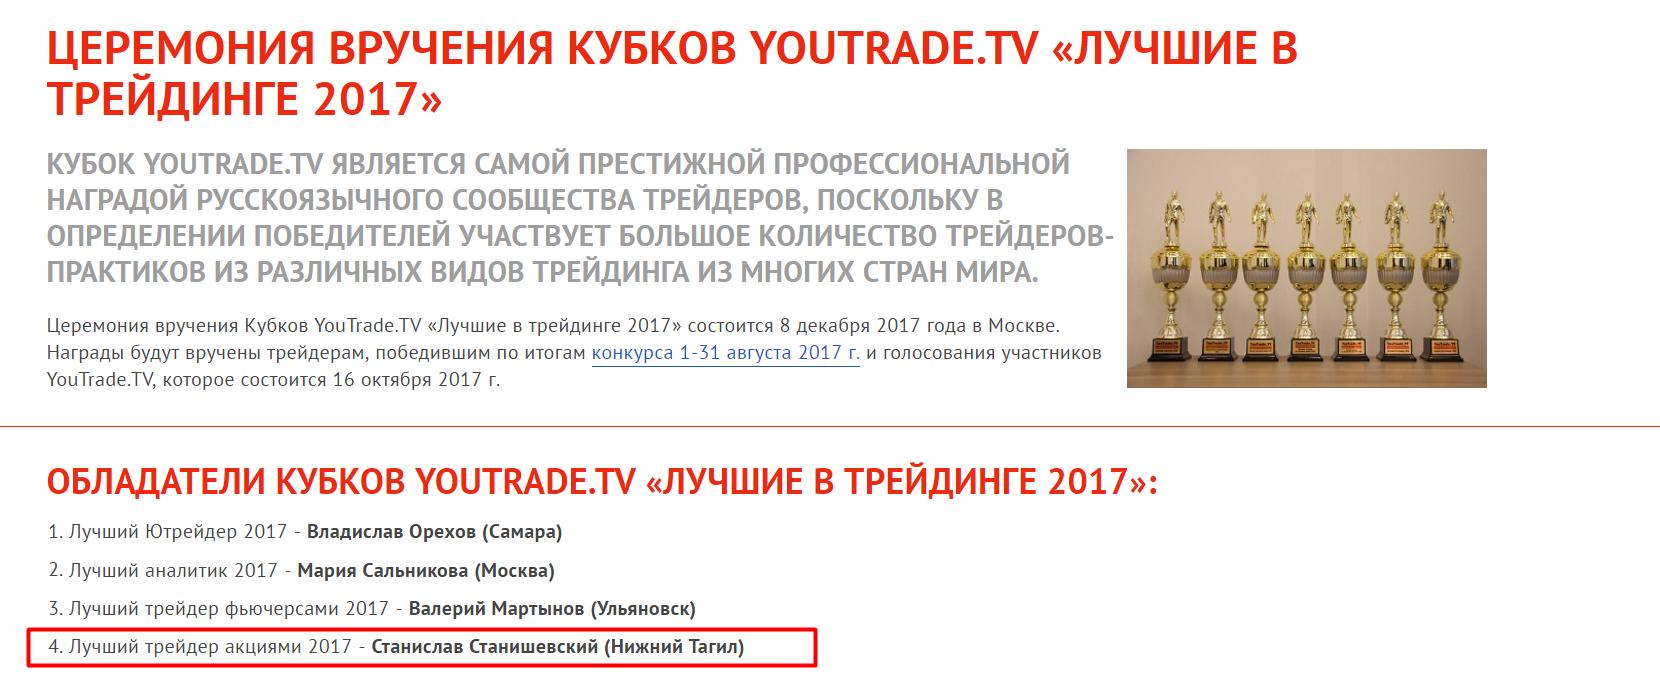 """Кубок YouTrade.TV """"лучшие в трейдинге"""" - Станислав Станишевский"""